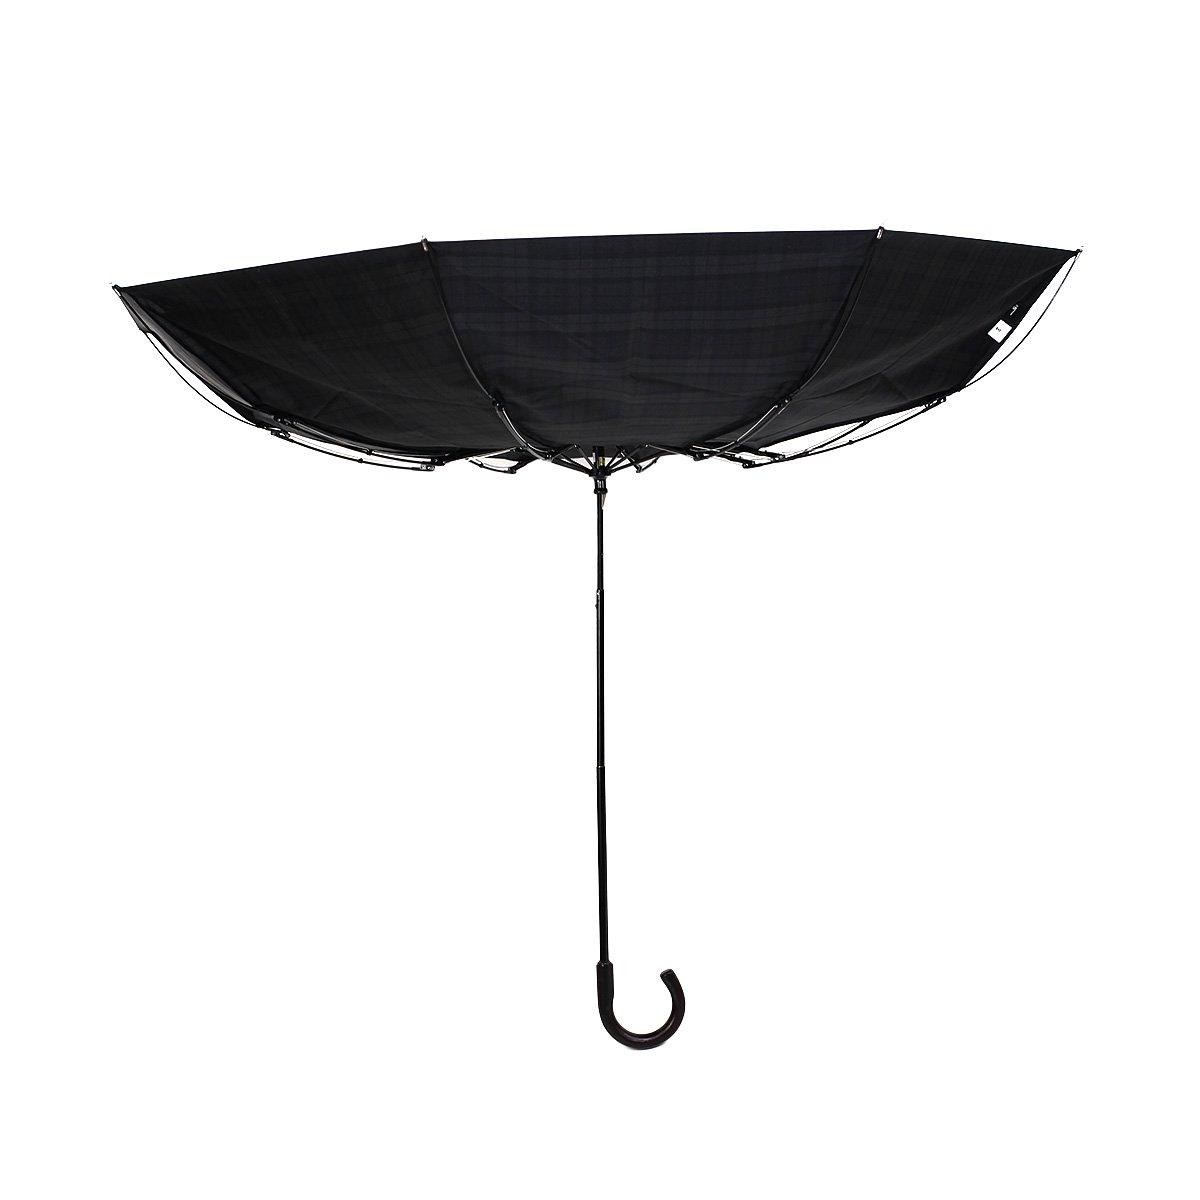 【公式限定】強力撥水 レインドロップ レクタス 耐風骨 レディース 折りたたみ傘 詳細画像12